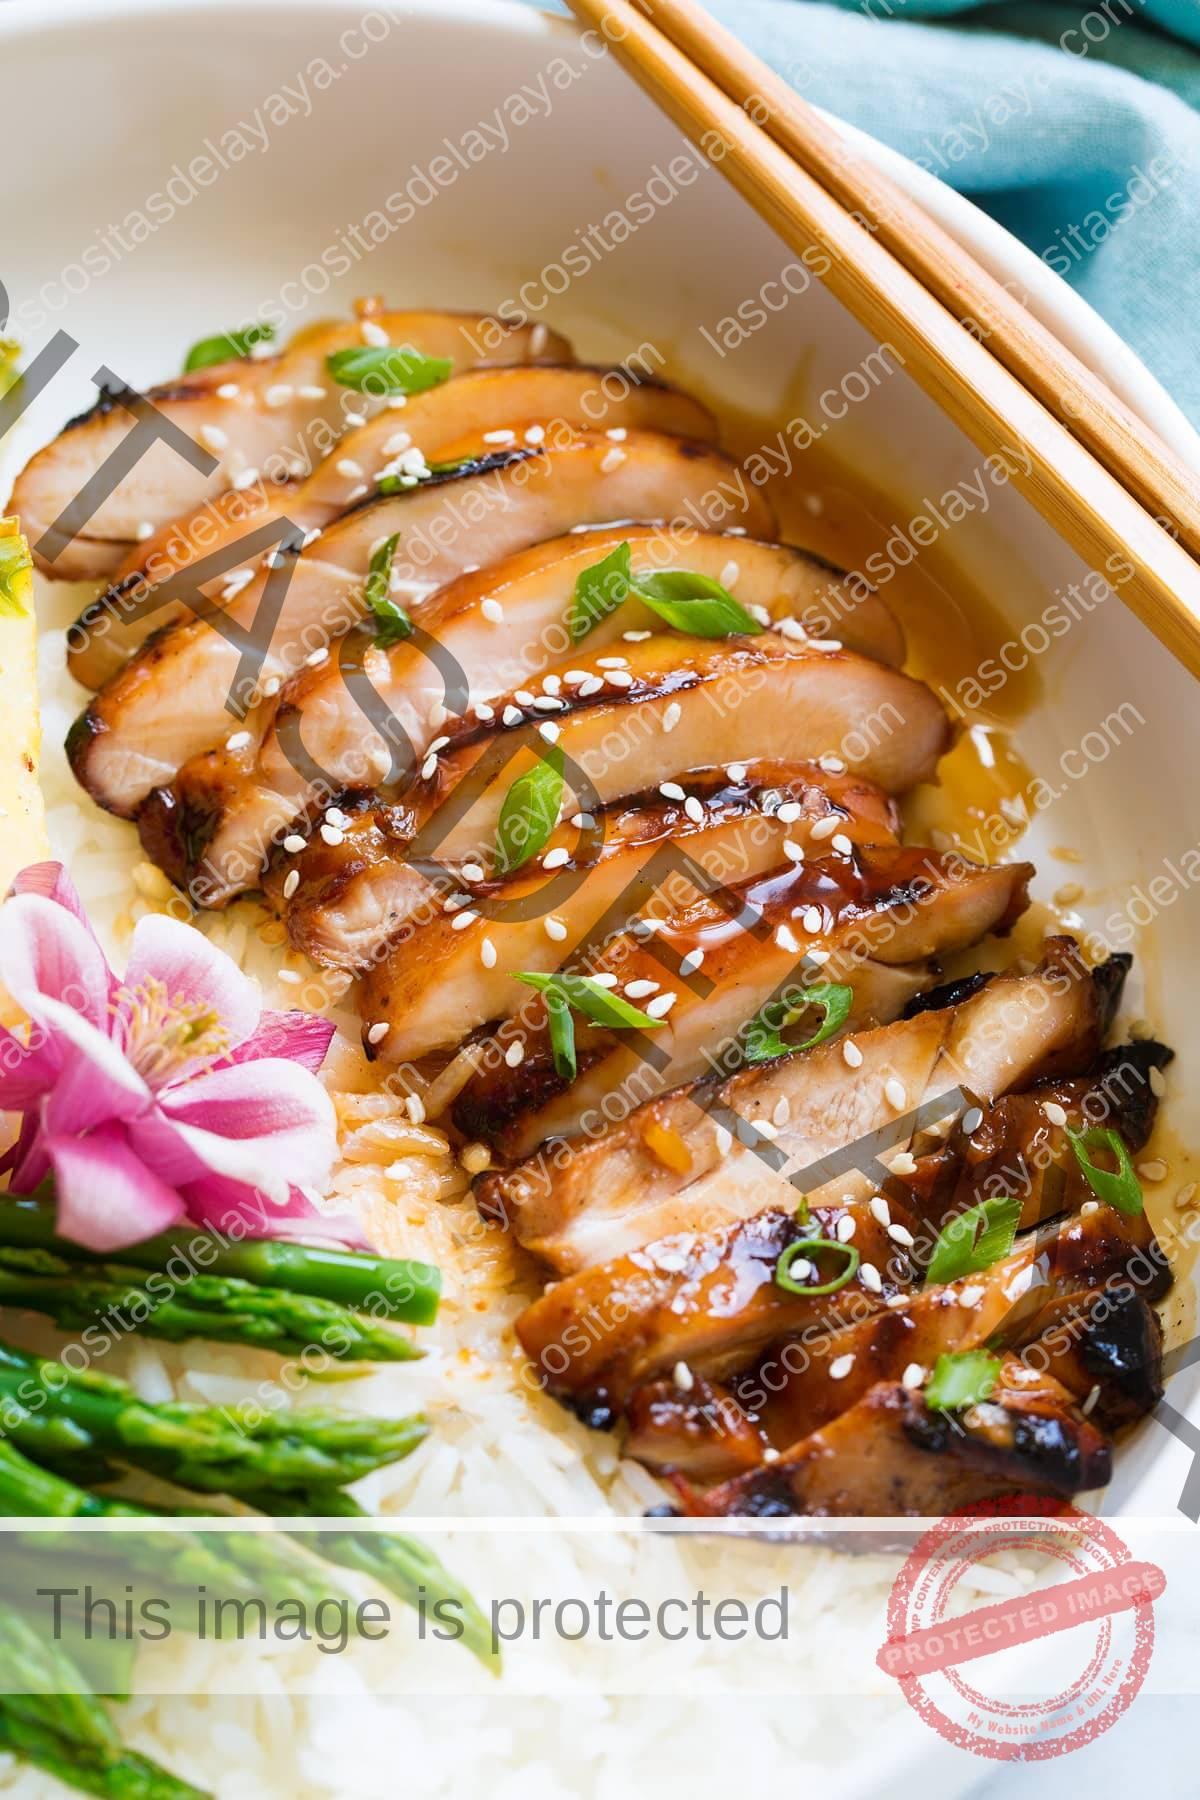 Pierna de pollo en rodajas que se muestra después de cocinar, cubierta con salsa teriyaki, semillas de sésamo y cebollino.